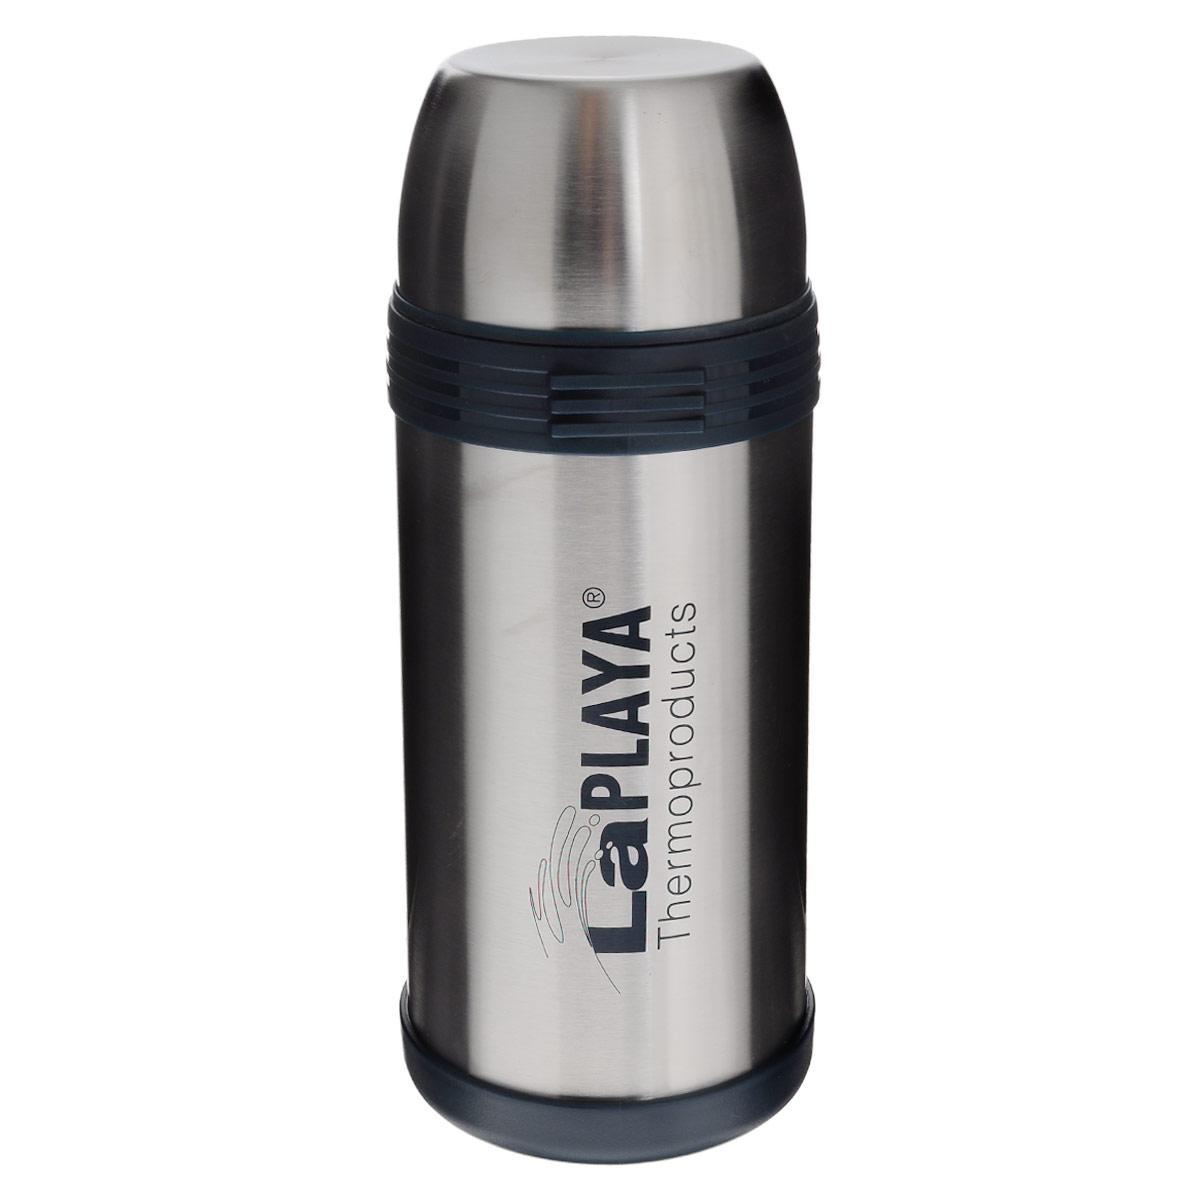 Термос LaPlaya Challenger, 1,5 л115510Термос LaPlaya Challenger изготовлен из нержавеющей стали 18/8 и пластика. В этом термосе применена система высококачественной вакуумной изоляции. Термос помогает сохранить температуру в течение 8 часов для горячих напитков и 24 часов для холодных.Широкая герметичная комбинированная пробка позволяет использовать термос для первых и вторых блюд при полном открывании и для напитков - при вывинчивании внутренней части. Крышку термоса можно использовать как кружку. Изделие оснащено дополнительной пластиковой чашкой. Откидная ручка и съемный ремень позволяют удобно переносить термос.Высота термоса (с крышкой): 28,5 см. Диаметр горлышка: 7,5 см. Объем кружки: 350 мл.Высота кружки: 6 см.Диаметр кружки: 10 см. Объем пластиковой чашки: 200 мл.Высота пластиковой чашки: 4 см.Диаметр пластиковой чашки: 9,3 см.